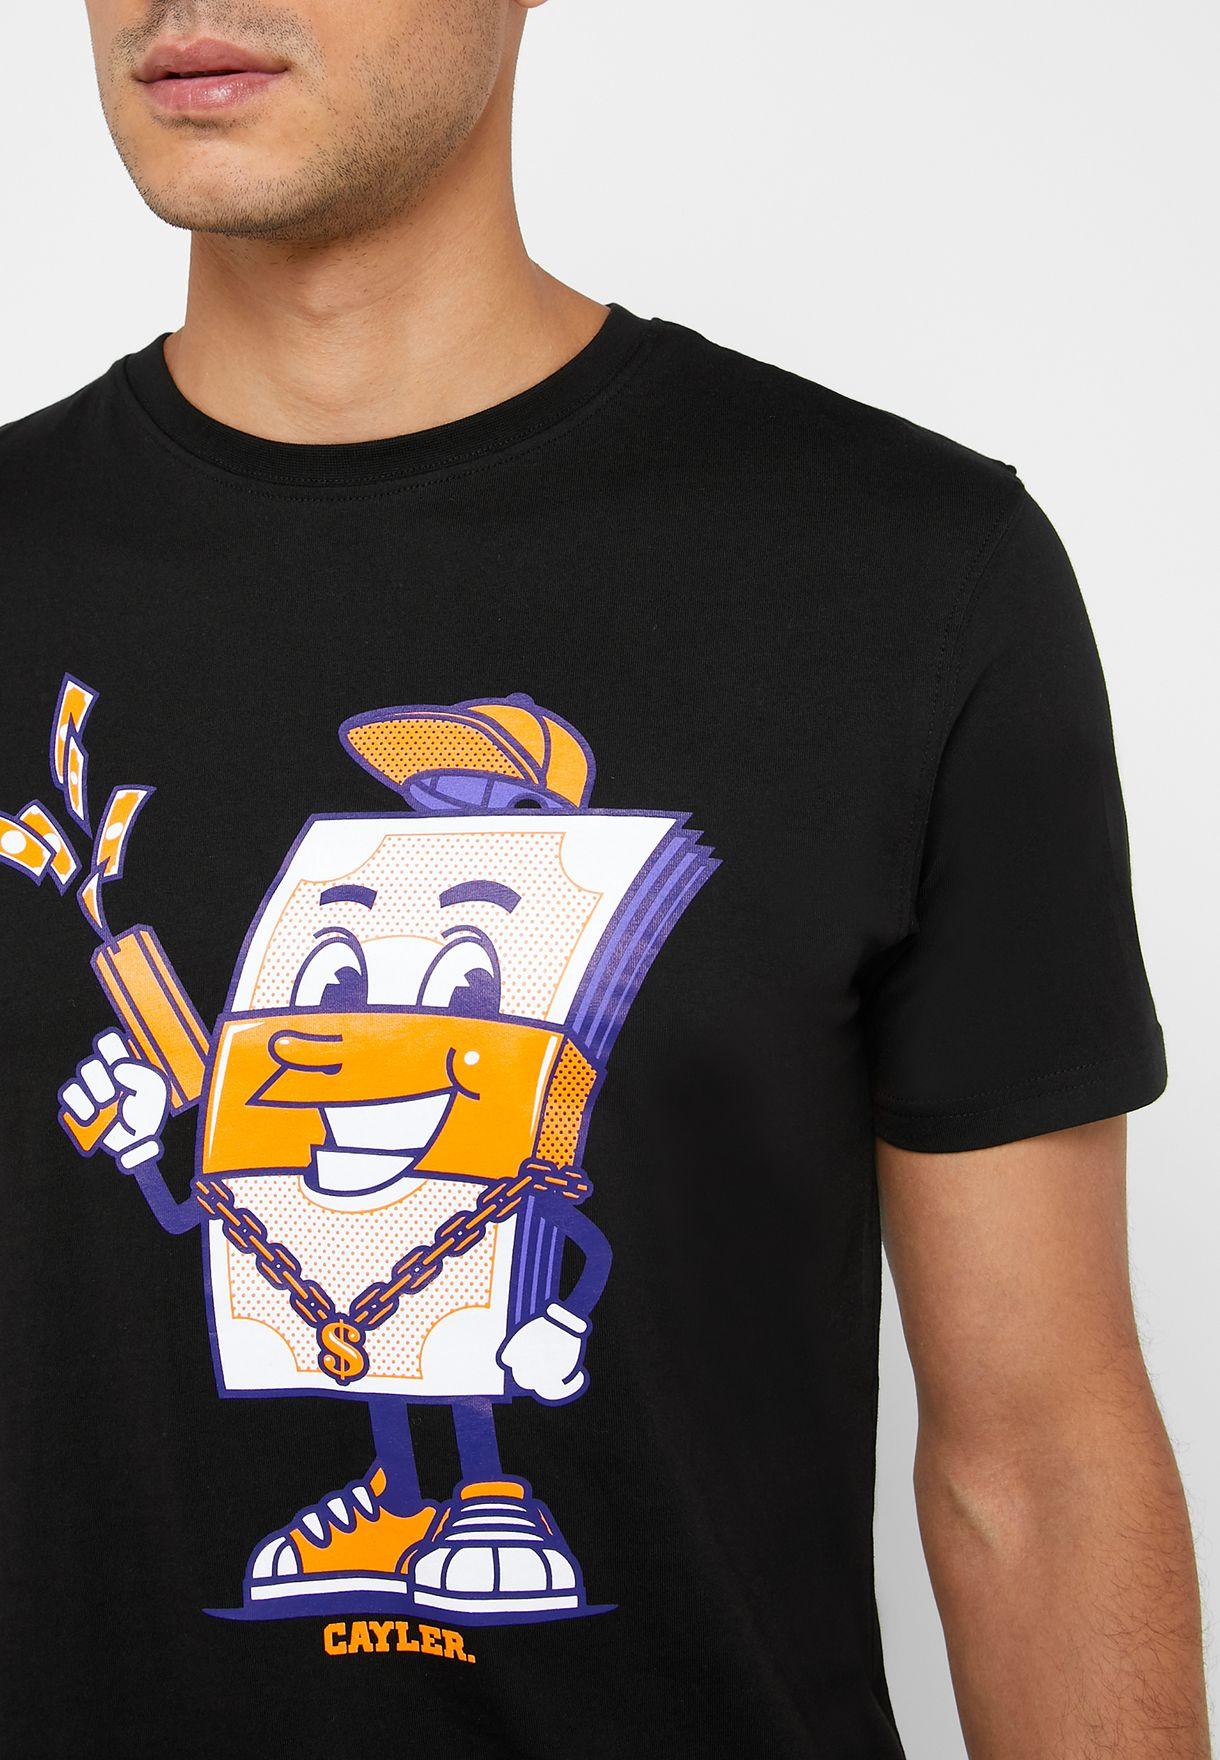 Loud Rain Maker T-Shirt